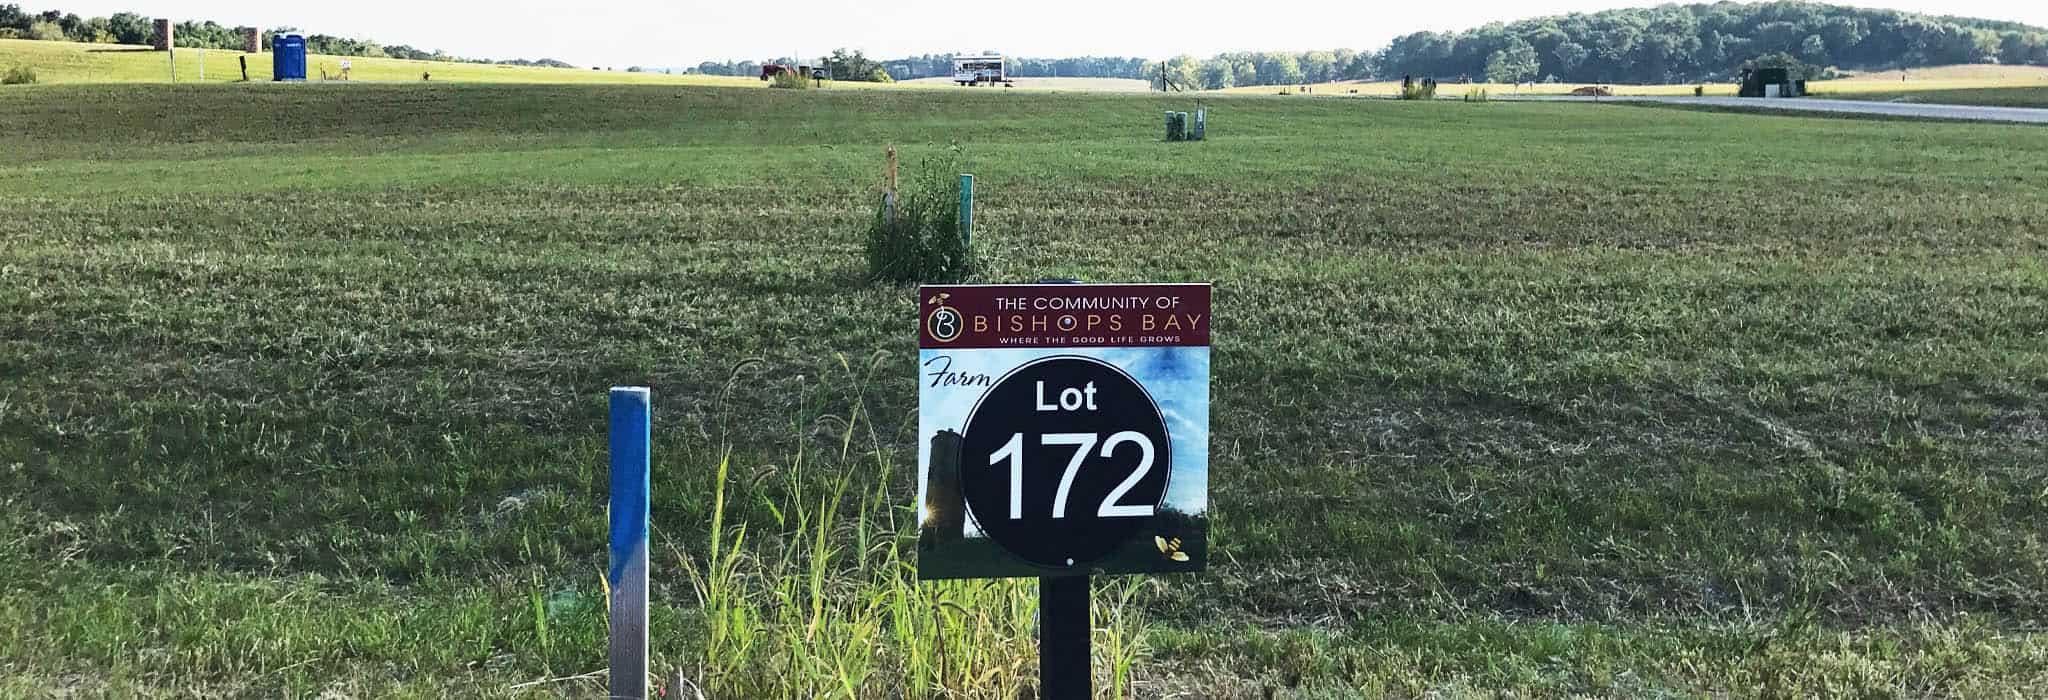 Farm Lot 172